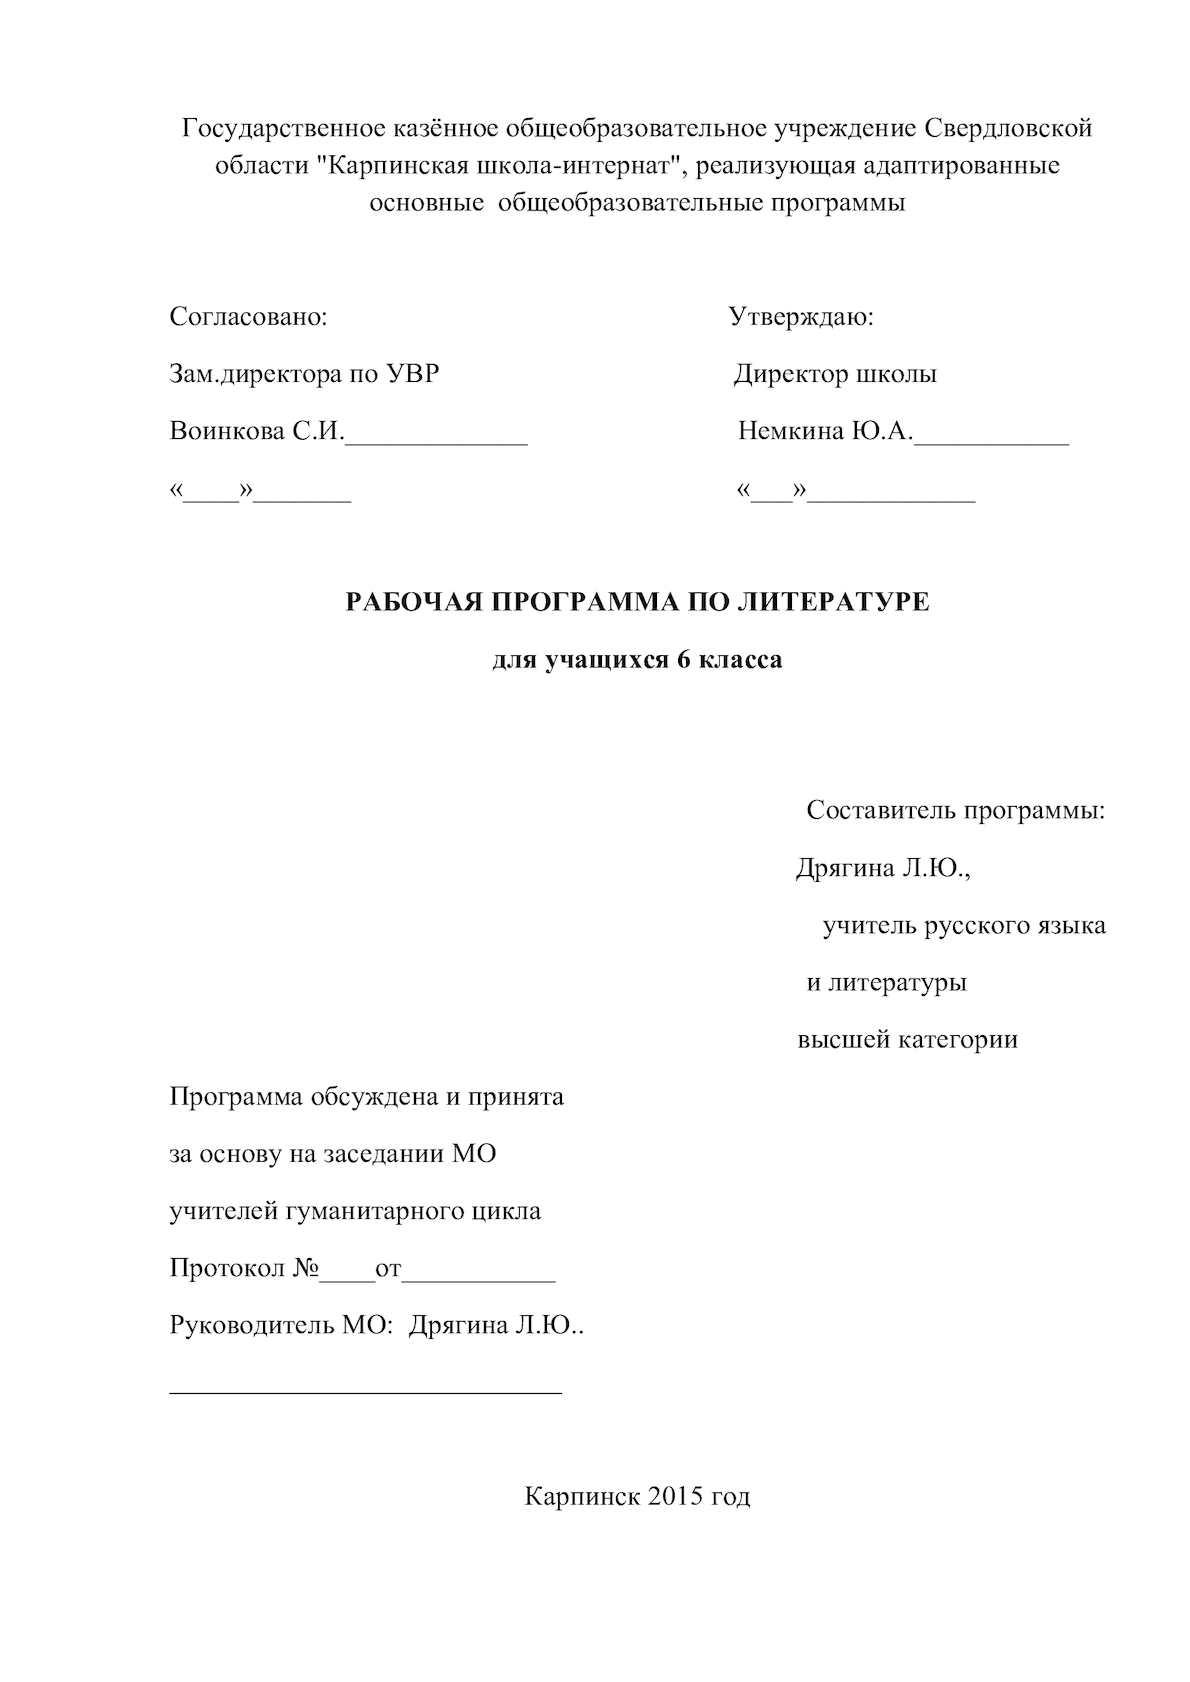 цитатный план по сказки дикий помещик салтыков щедрин